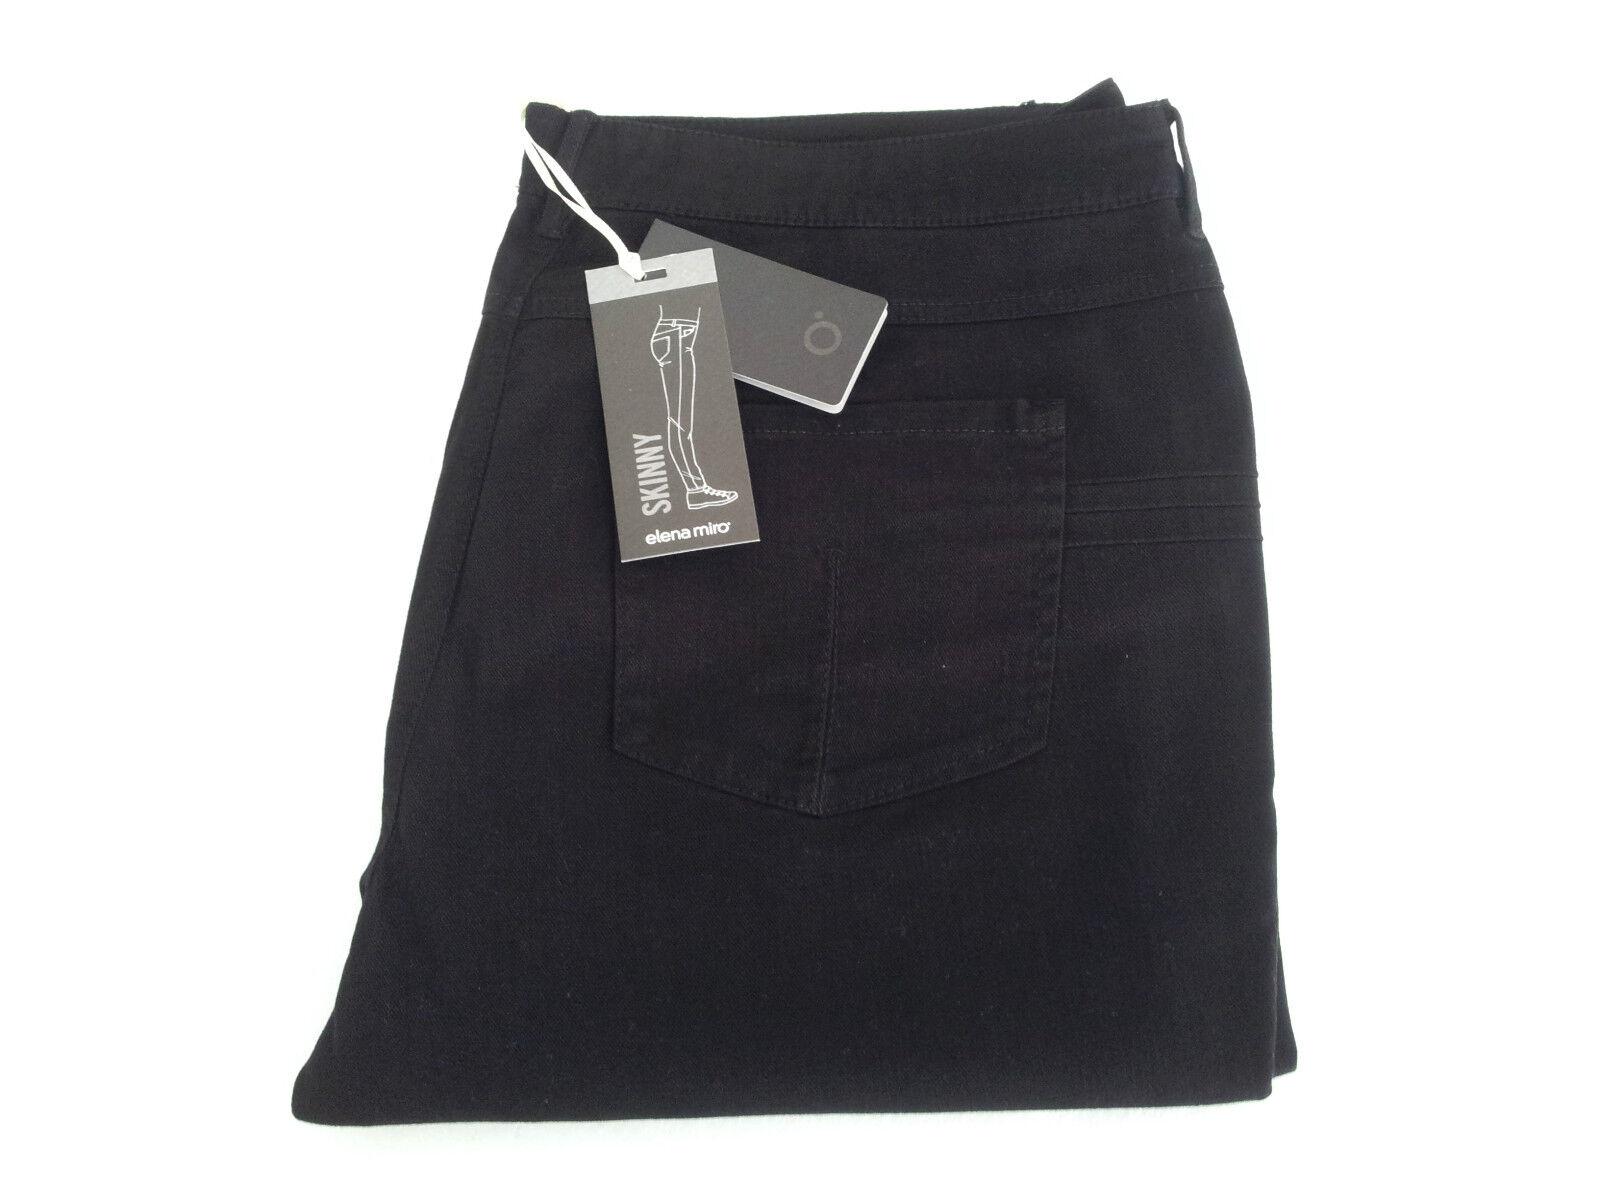 Women's Trousers bluee Jeans Elena Miro ' Model Skinny 55%Cotton 42%Lyocell